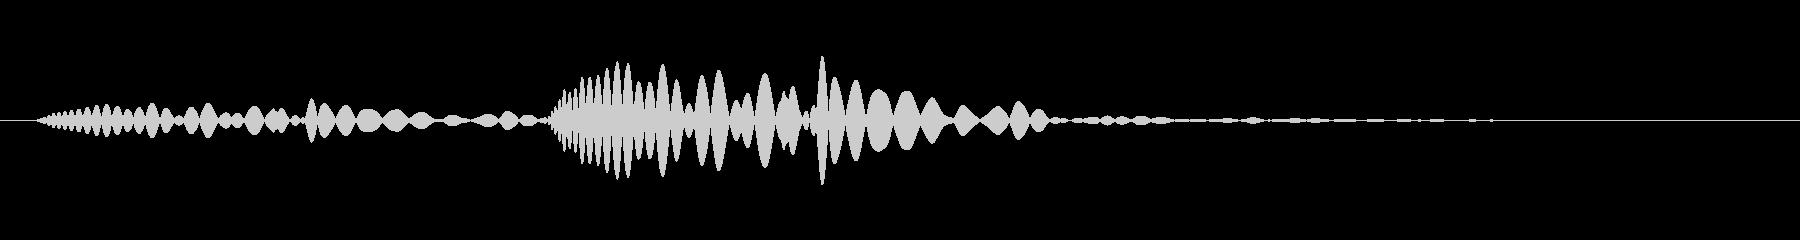 心臓が鳴り響くどっくん・ドックン音の未再生の波形